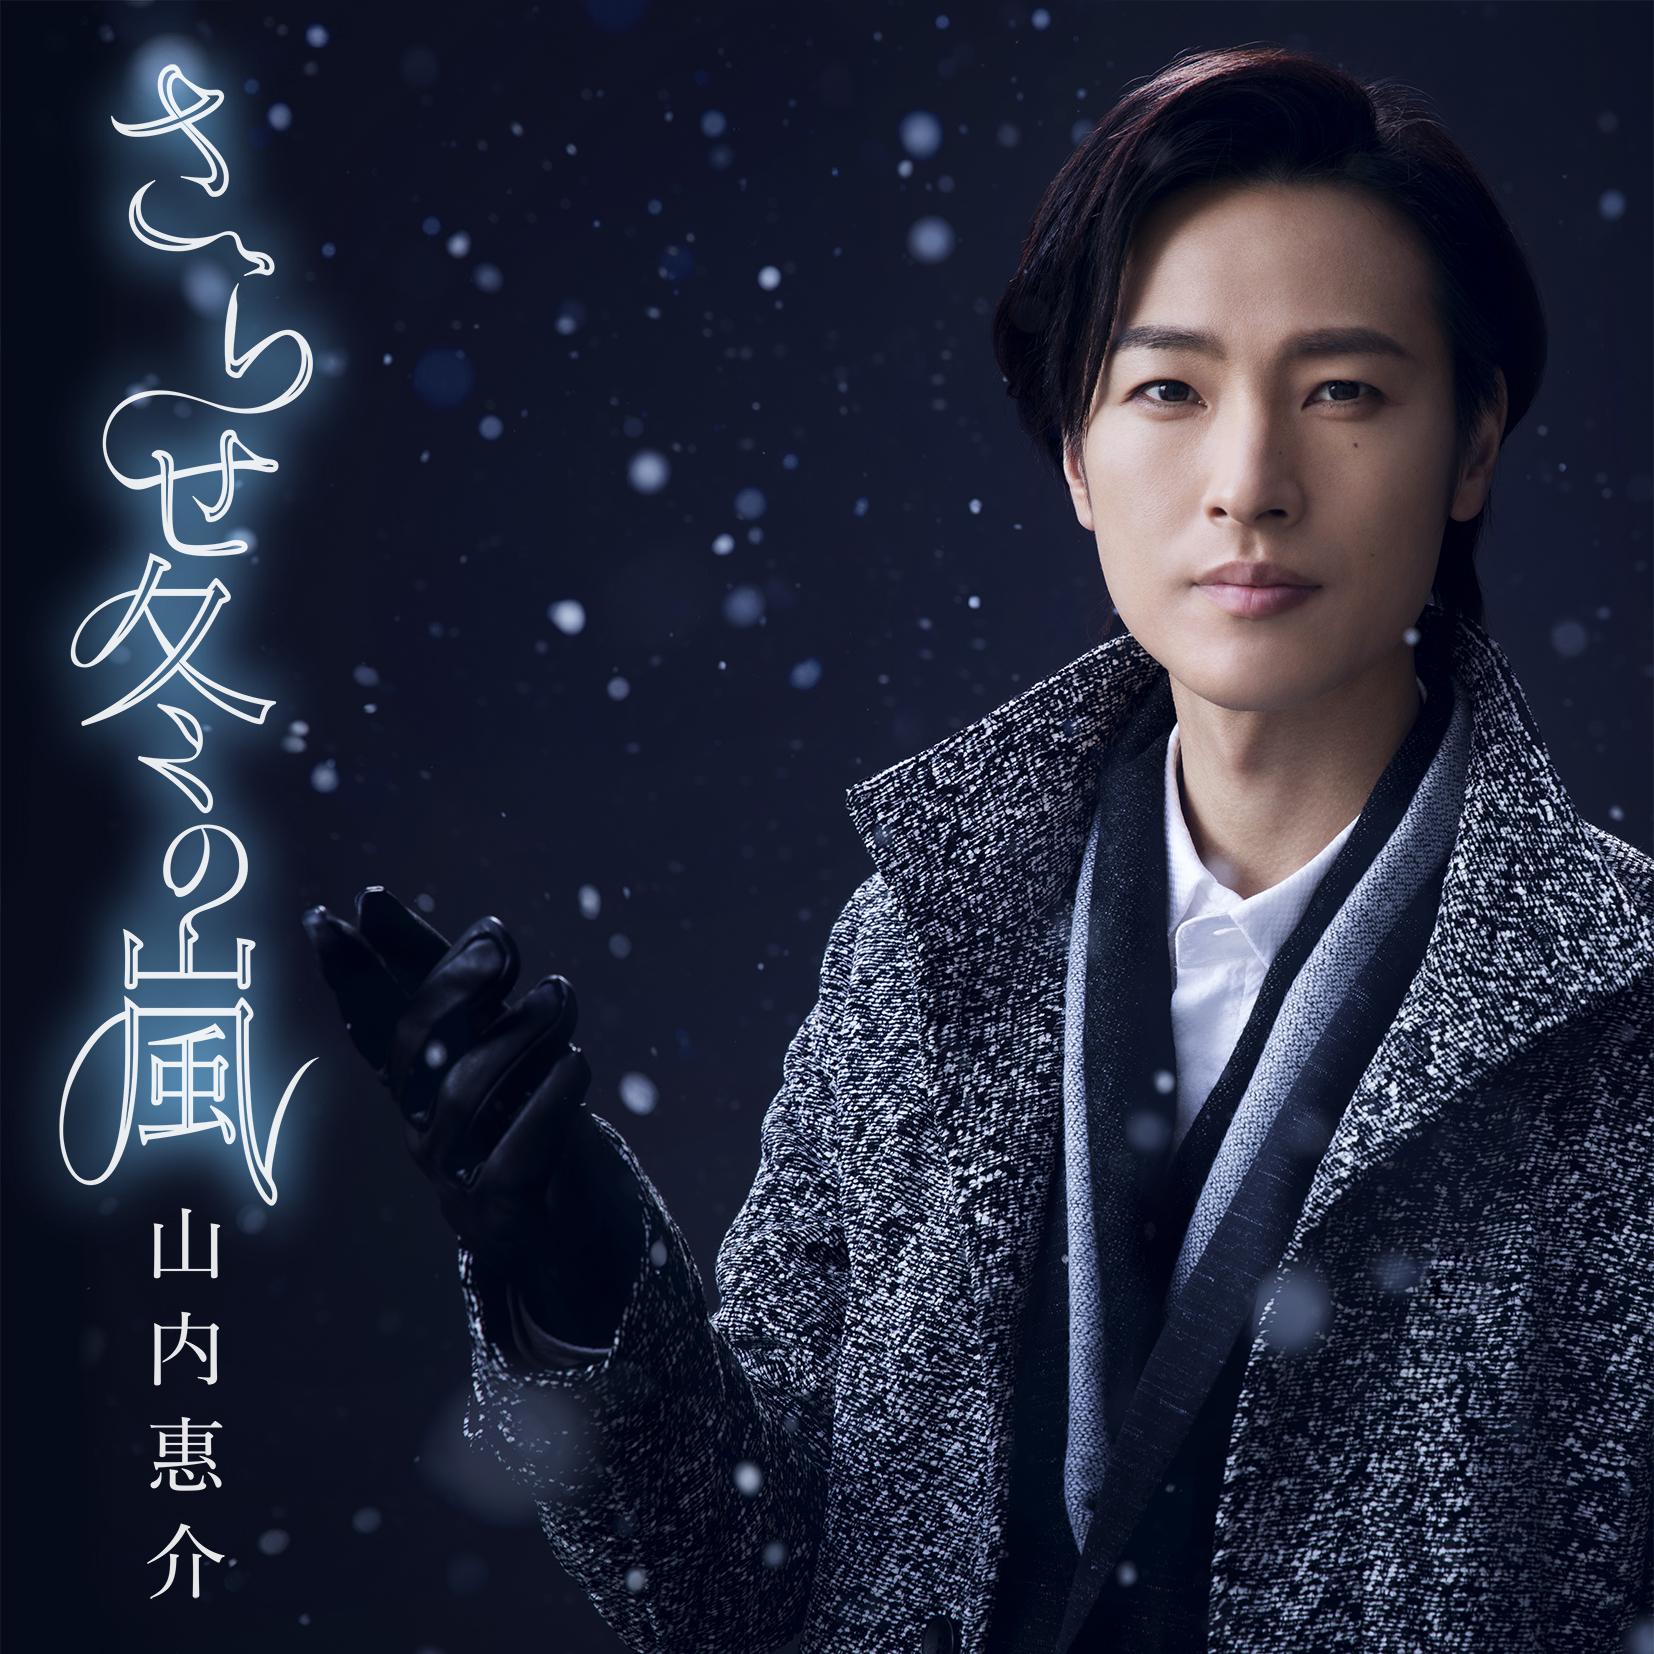 さらせ冬の嵐【夢盤】